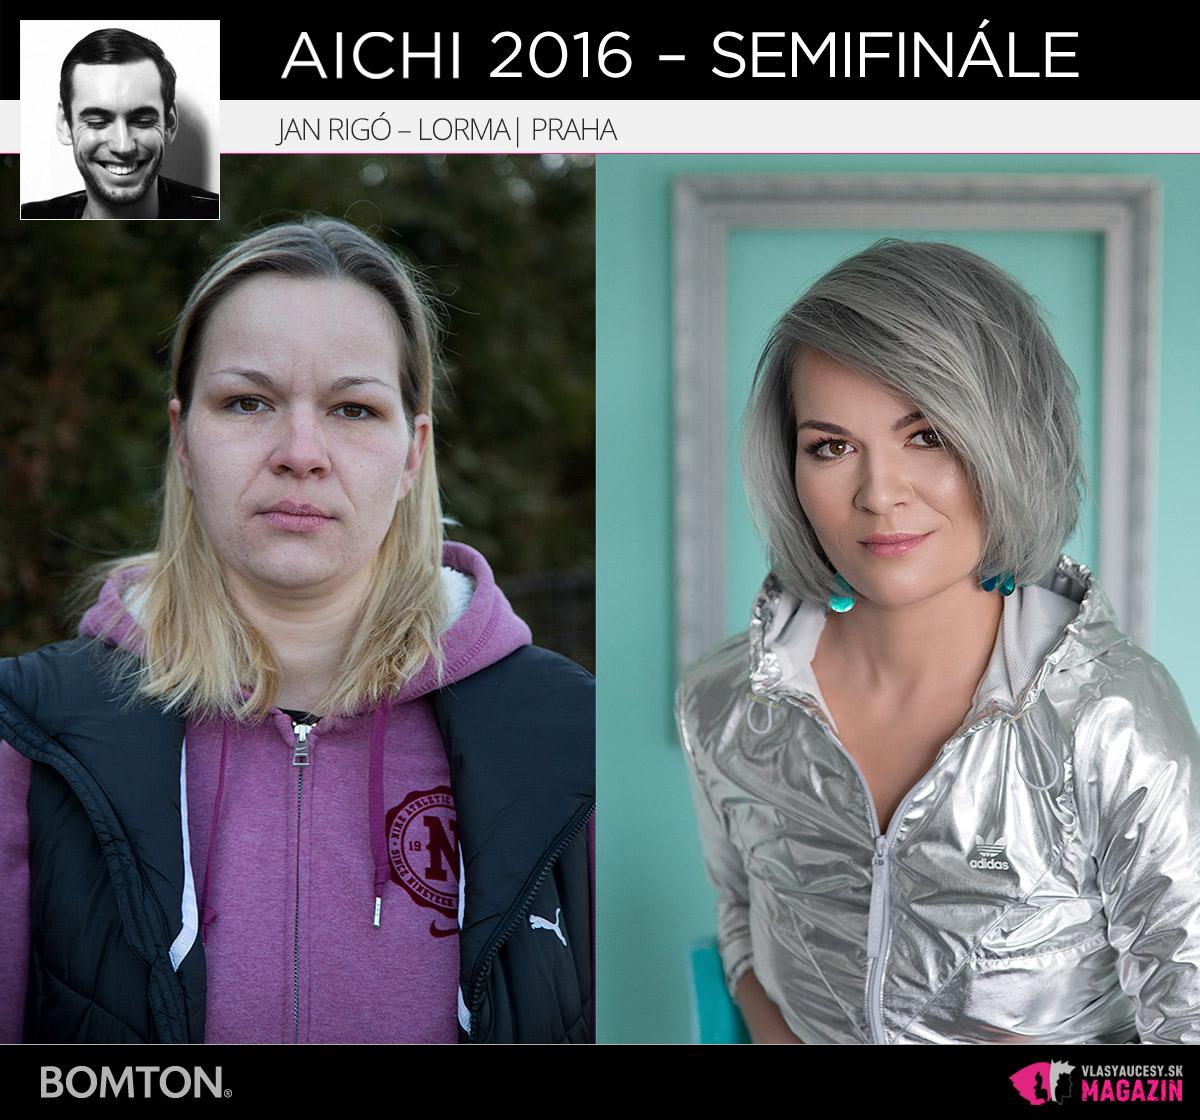 Jan Rigó – Lorma, Praha | Premeny AICHI 2016 – postupujúci do semifinálového kola